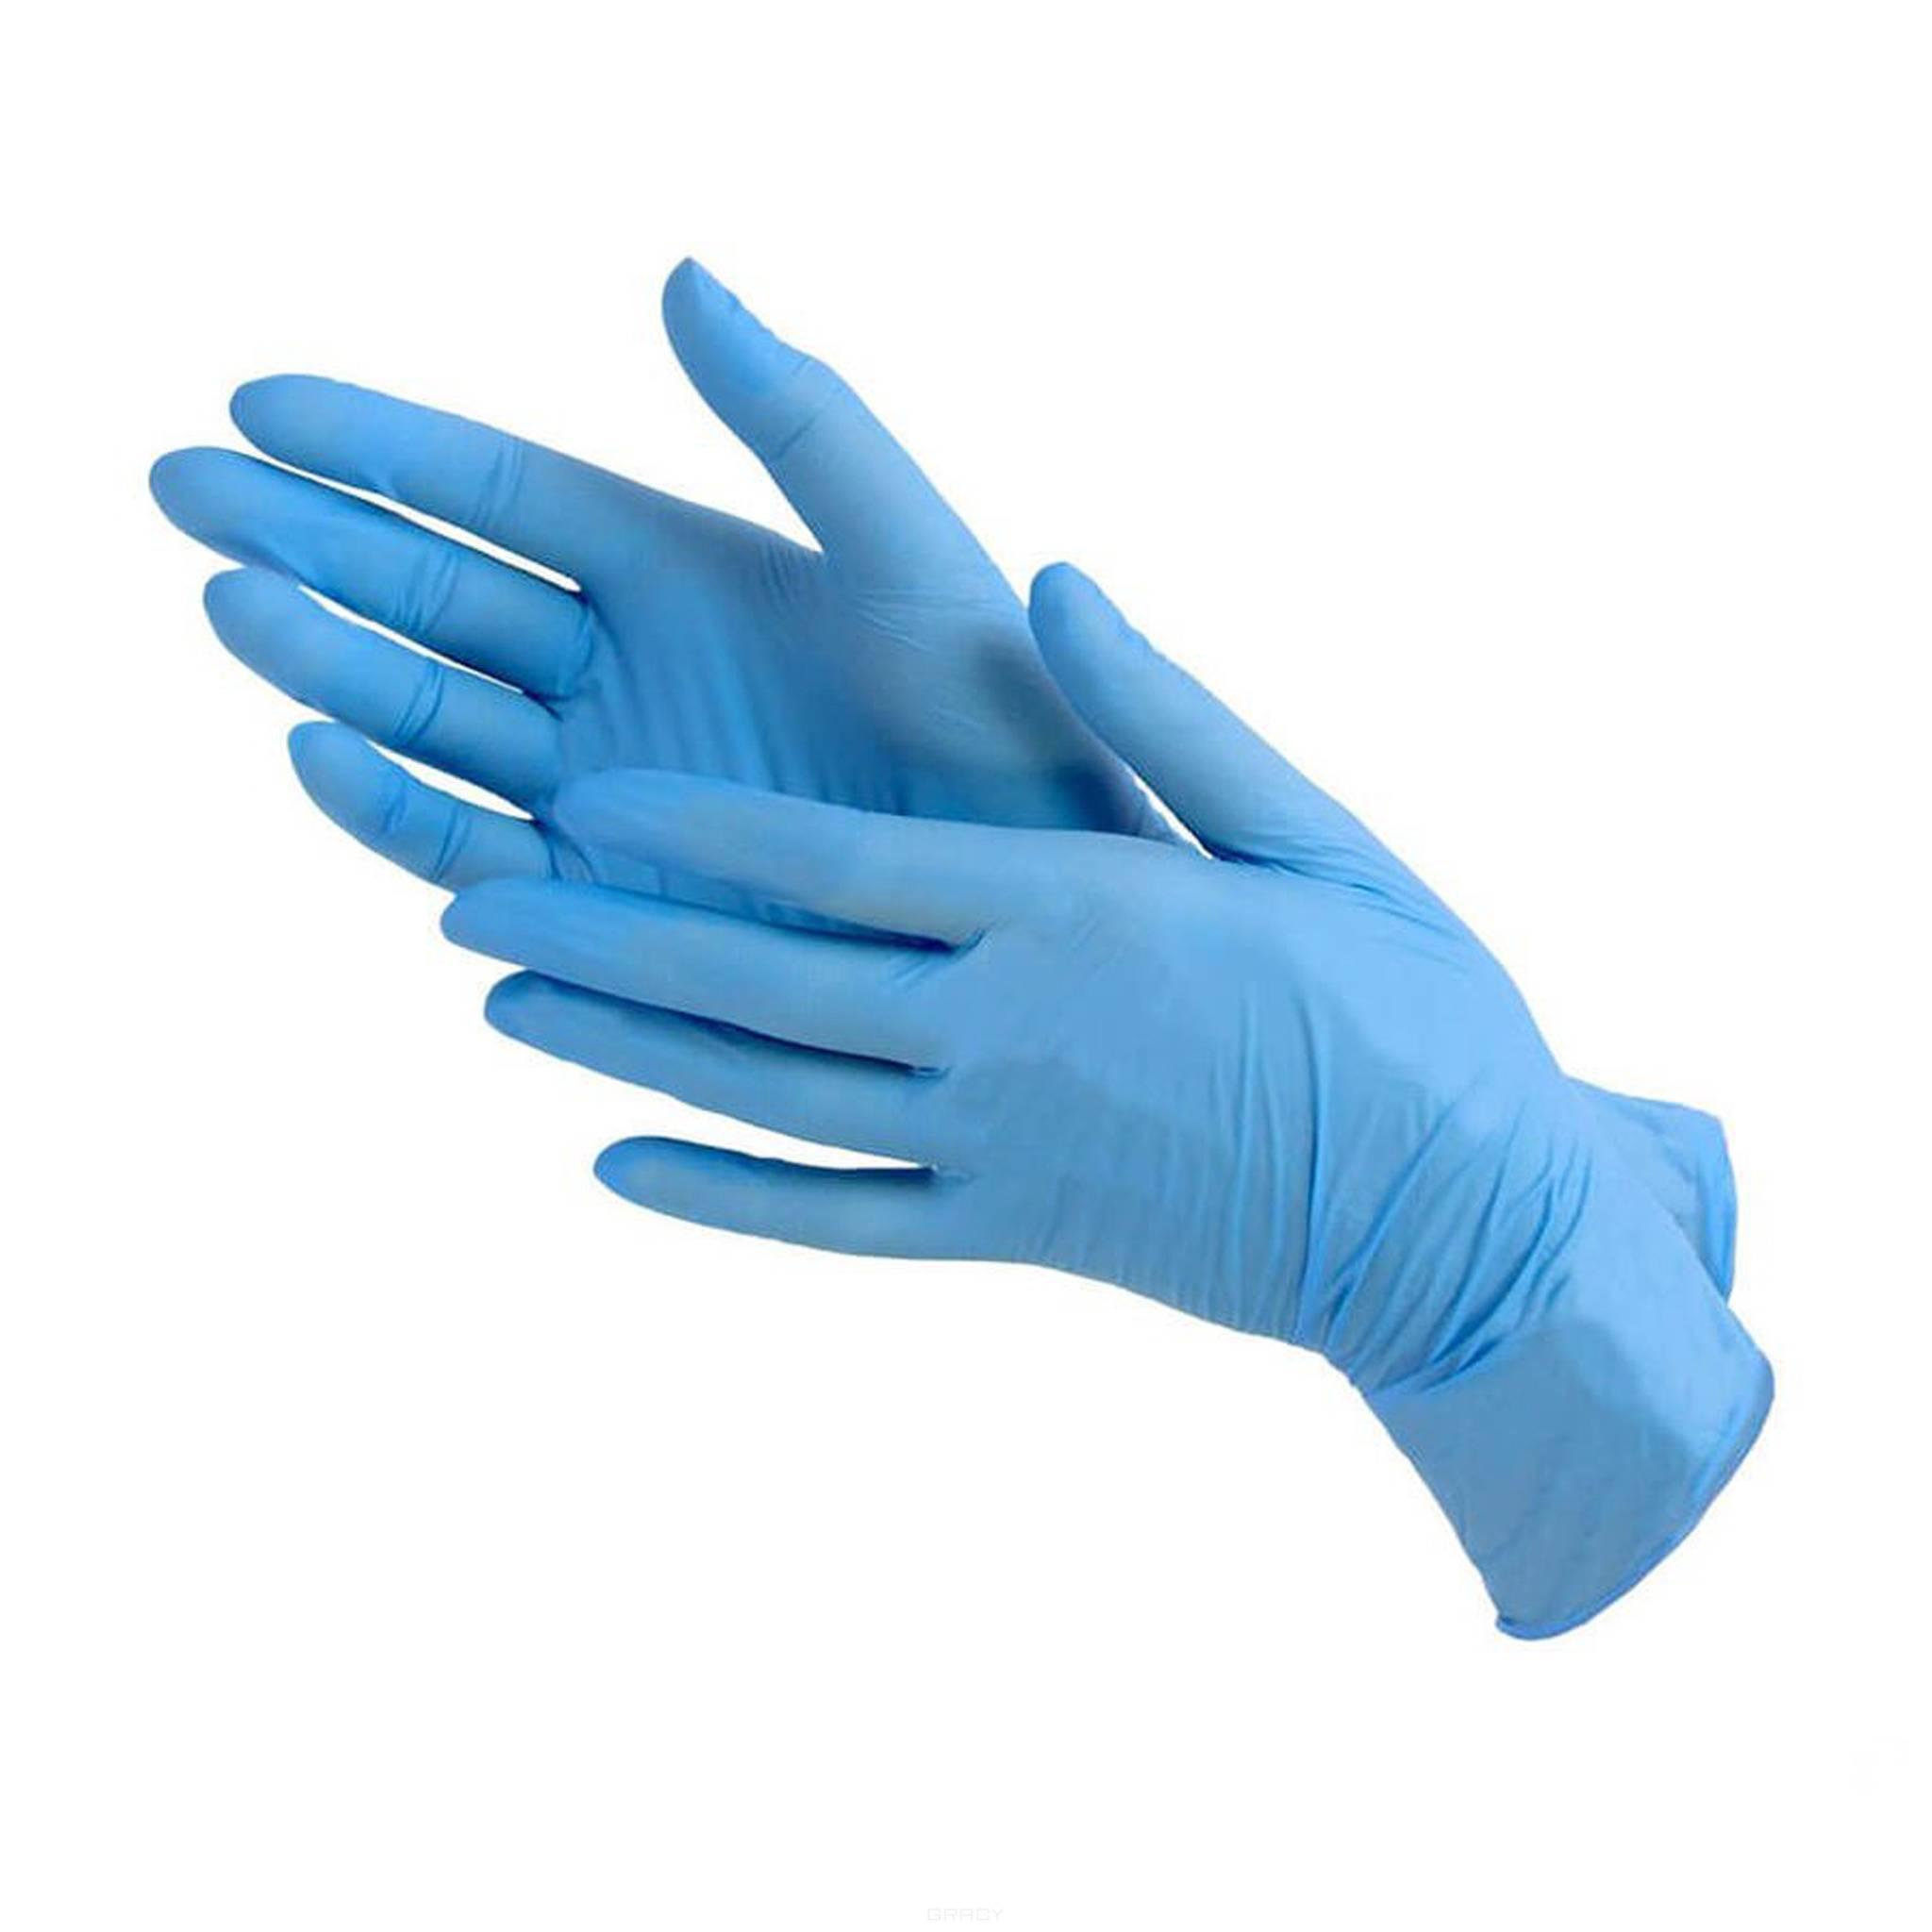 Купить Igrobeauty, Перчатки нитриловые нестерильные одноразовые без талька, 100 шт./уп, Размер S, 200 шт, голубые